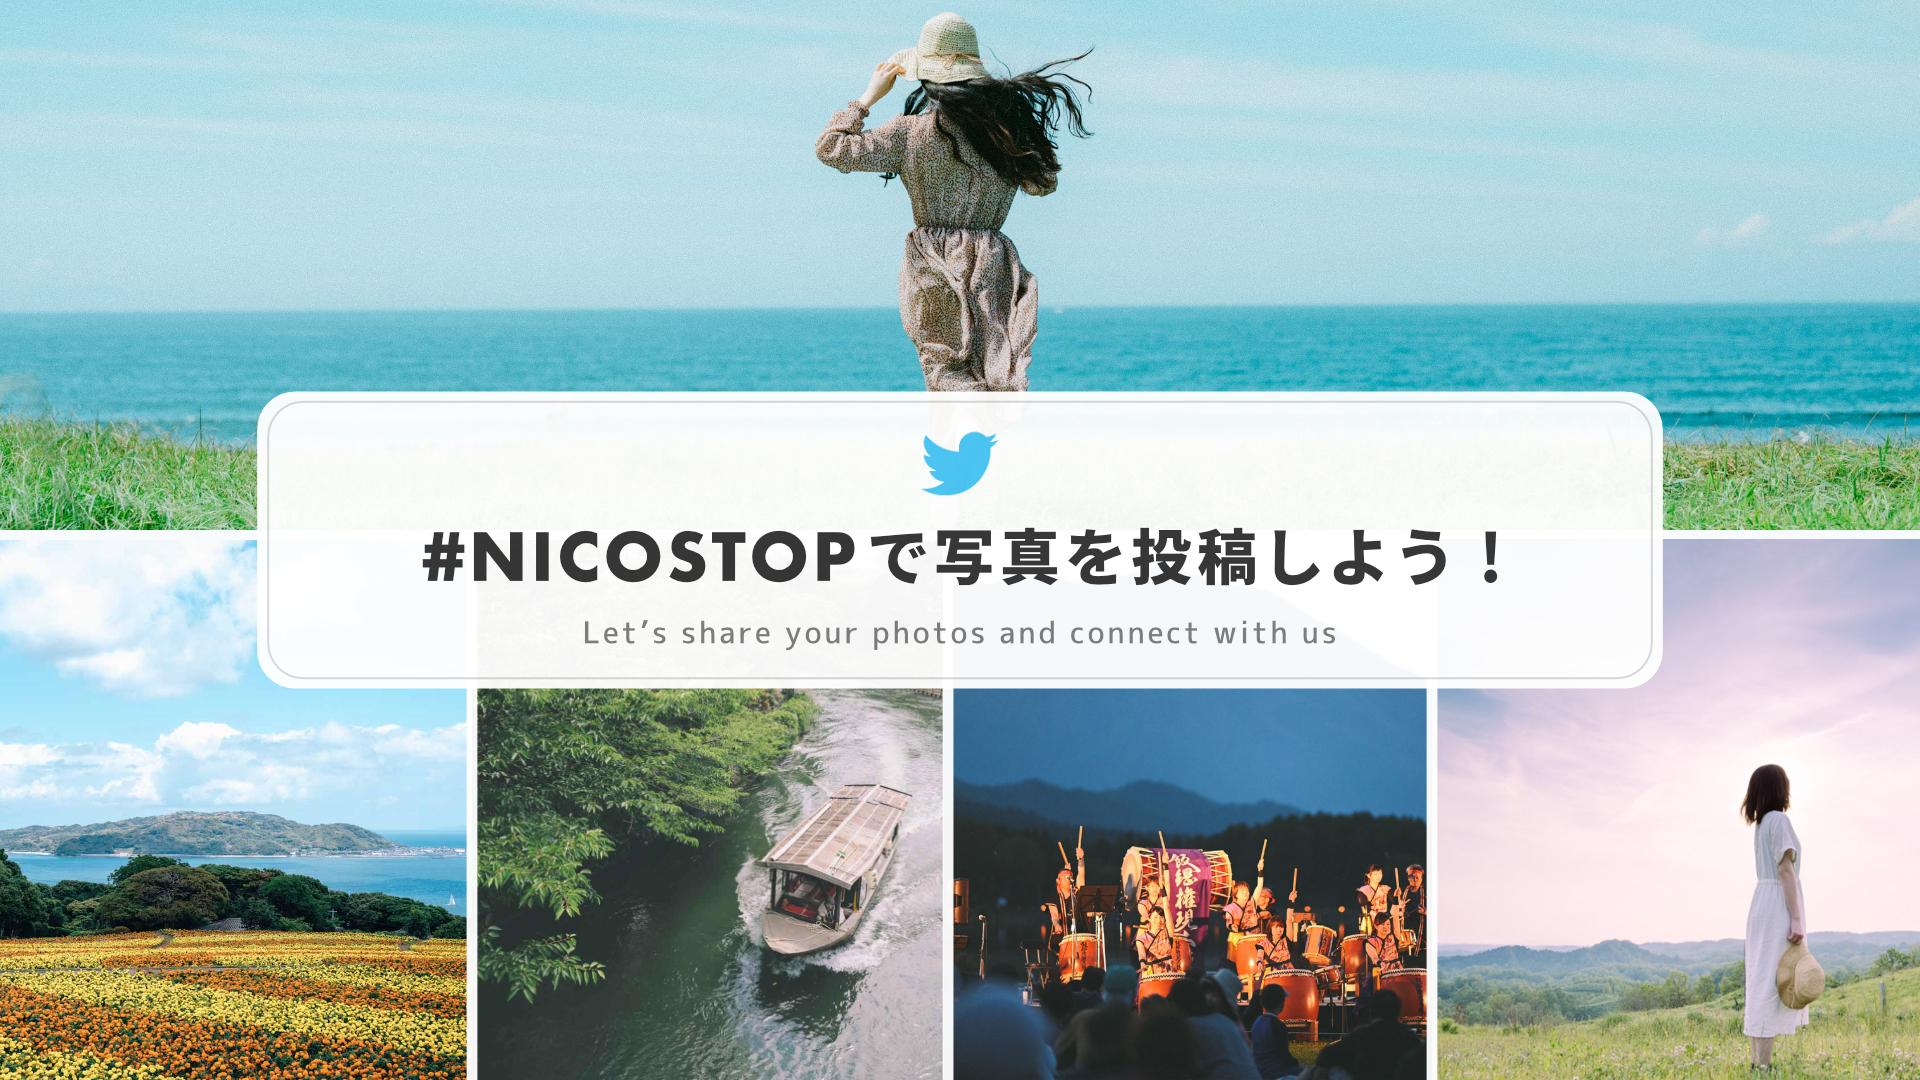 「#NICOSTOP」を付けてTwitterで写真を投稿しよう! - NICO STOP(ニコストップ)|フォトライフスタイルWEBマガジン